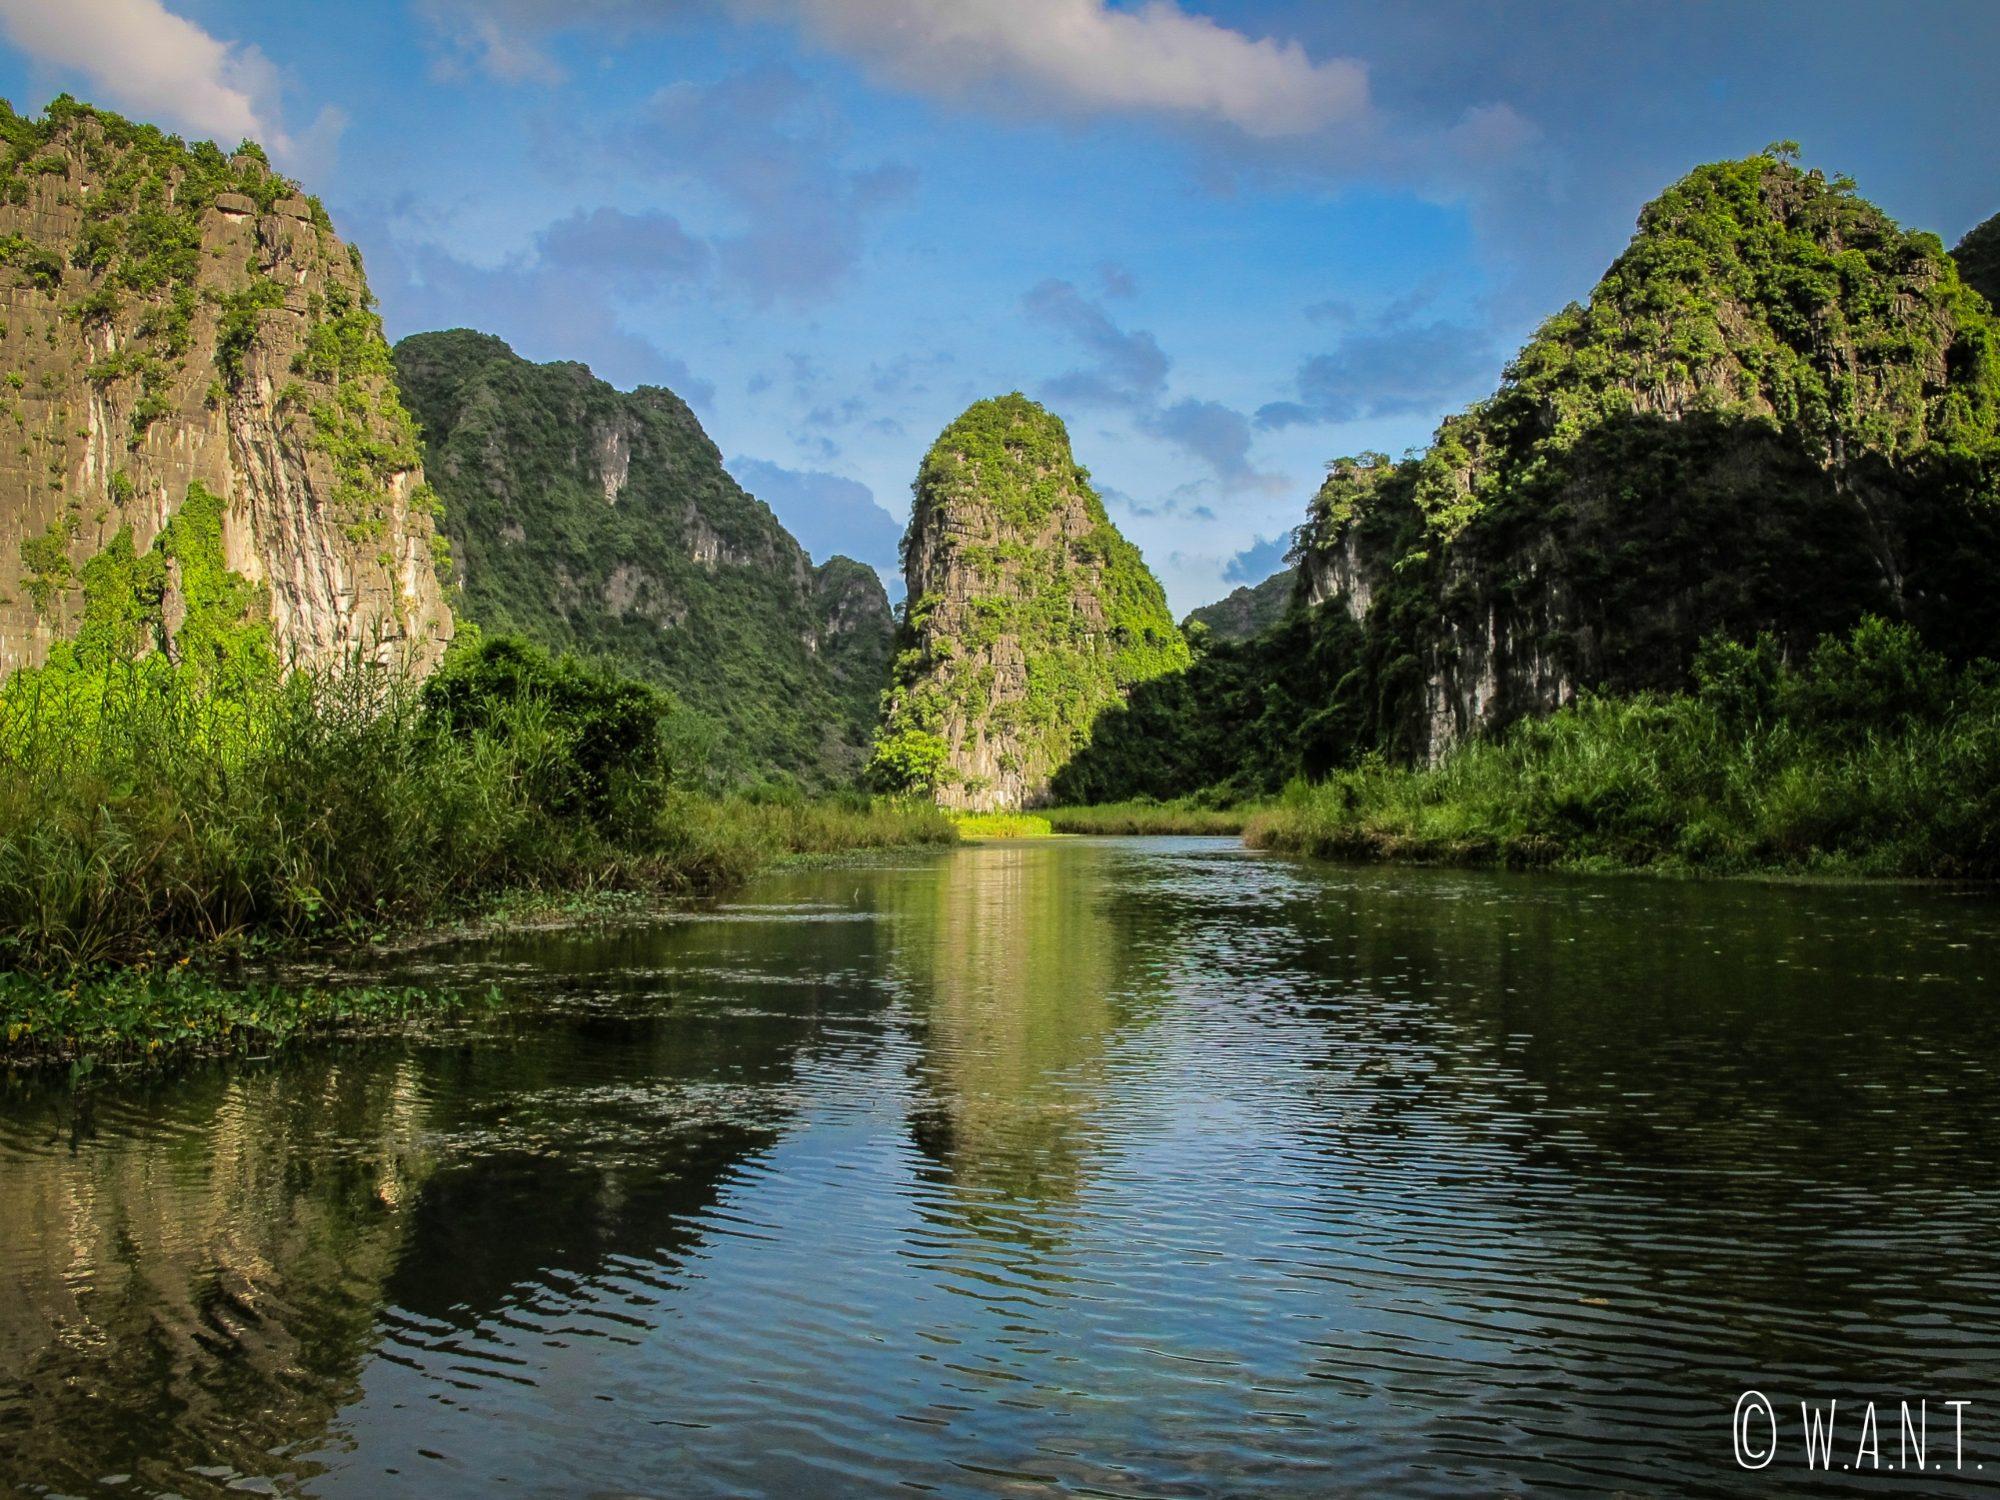 Luminosité de fin d'après-midi sur les pics karstiques de Trang An